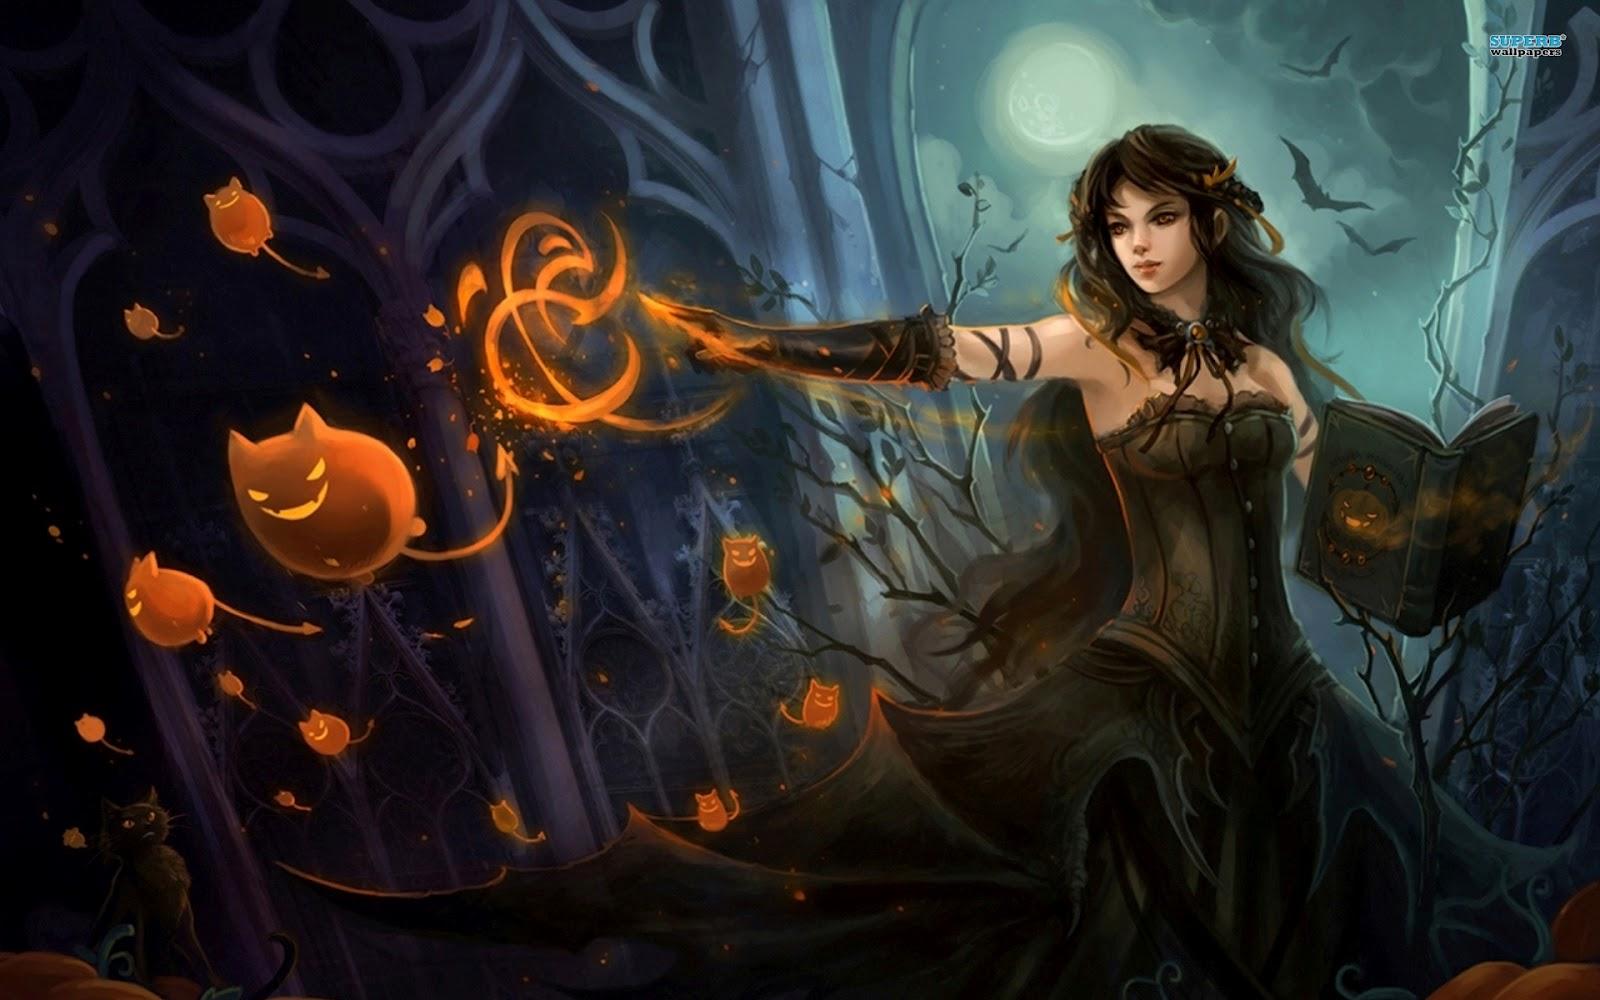 Most Inspiring Wallpaper Halloween Supernatural - witch-11747-1920x1200  Image_198343.jpg